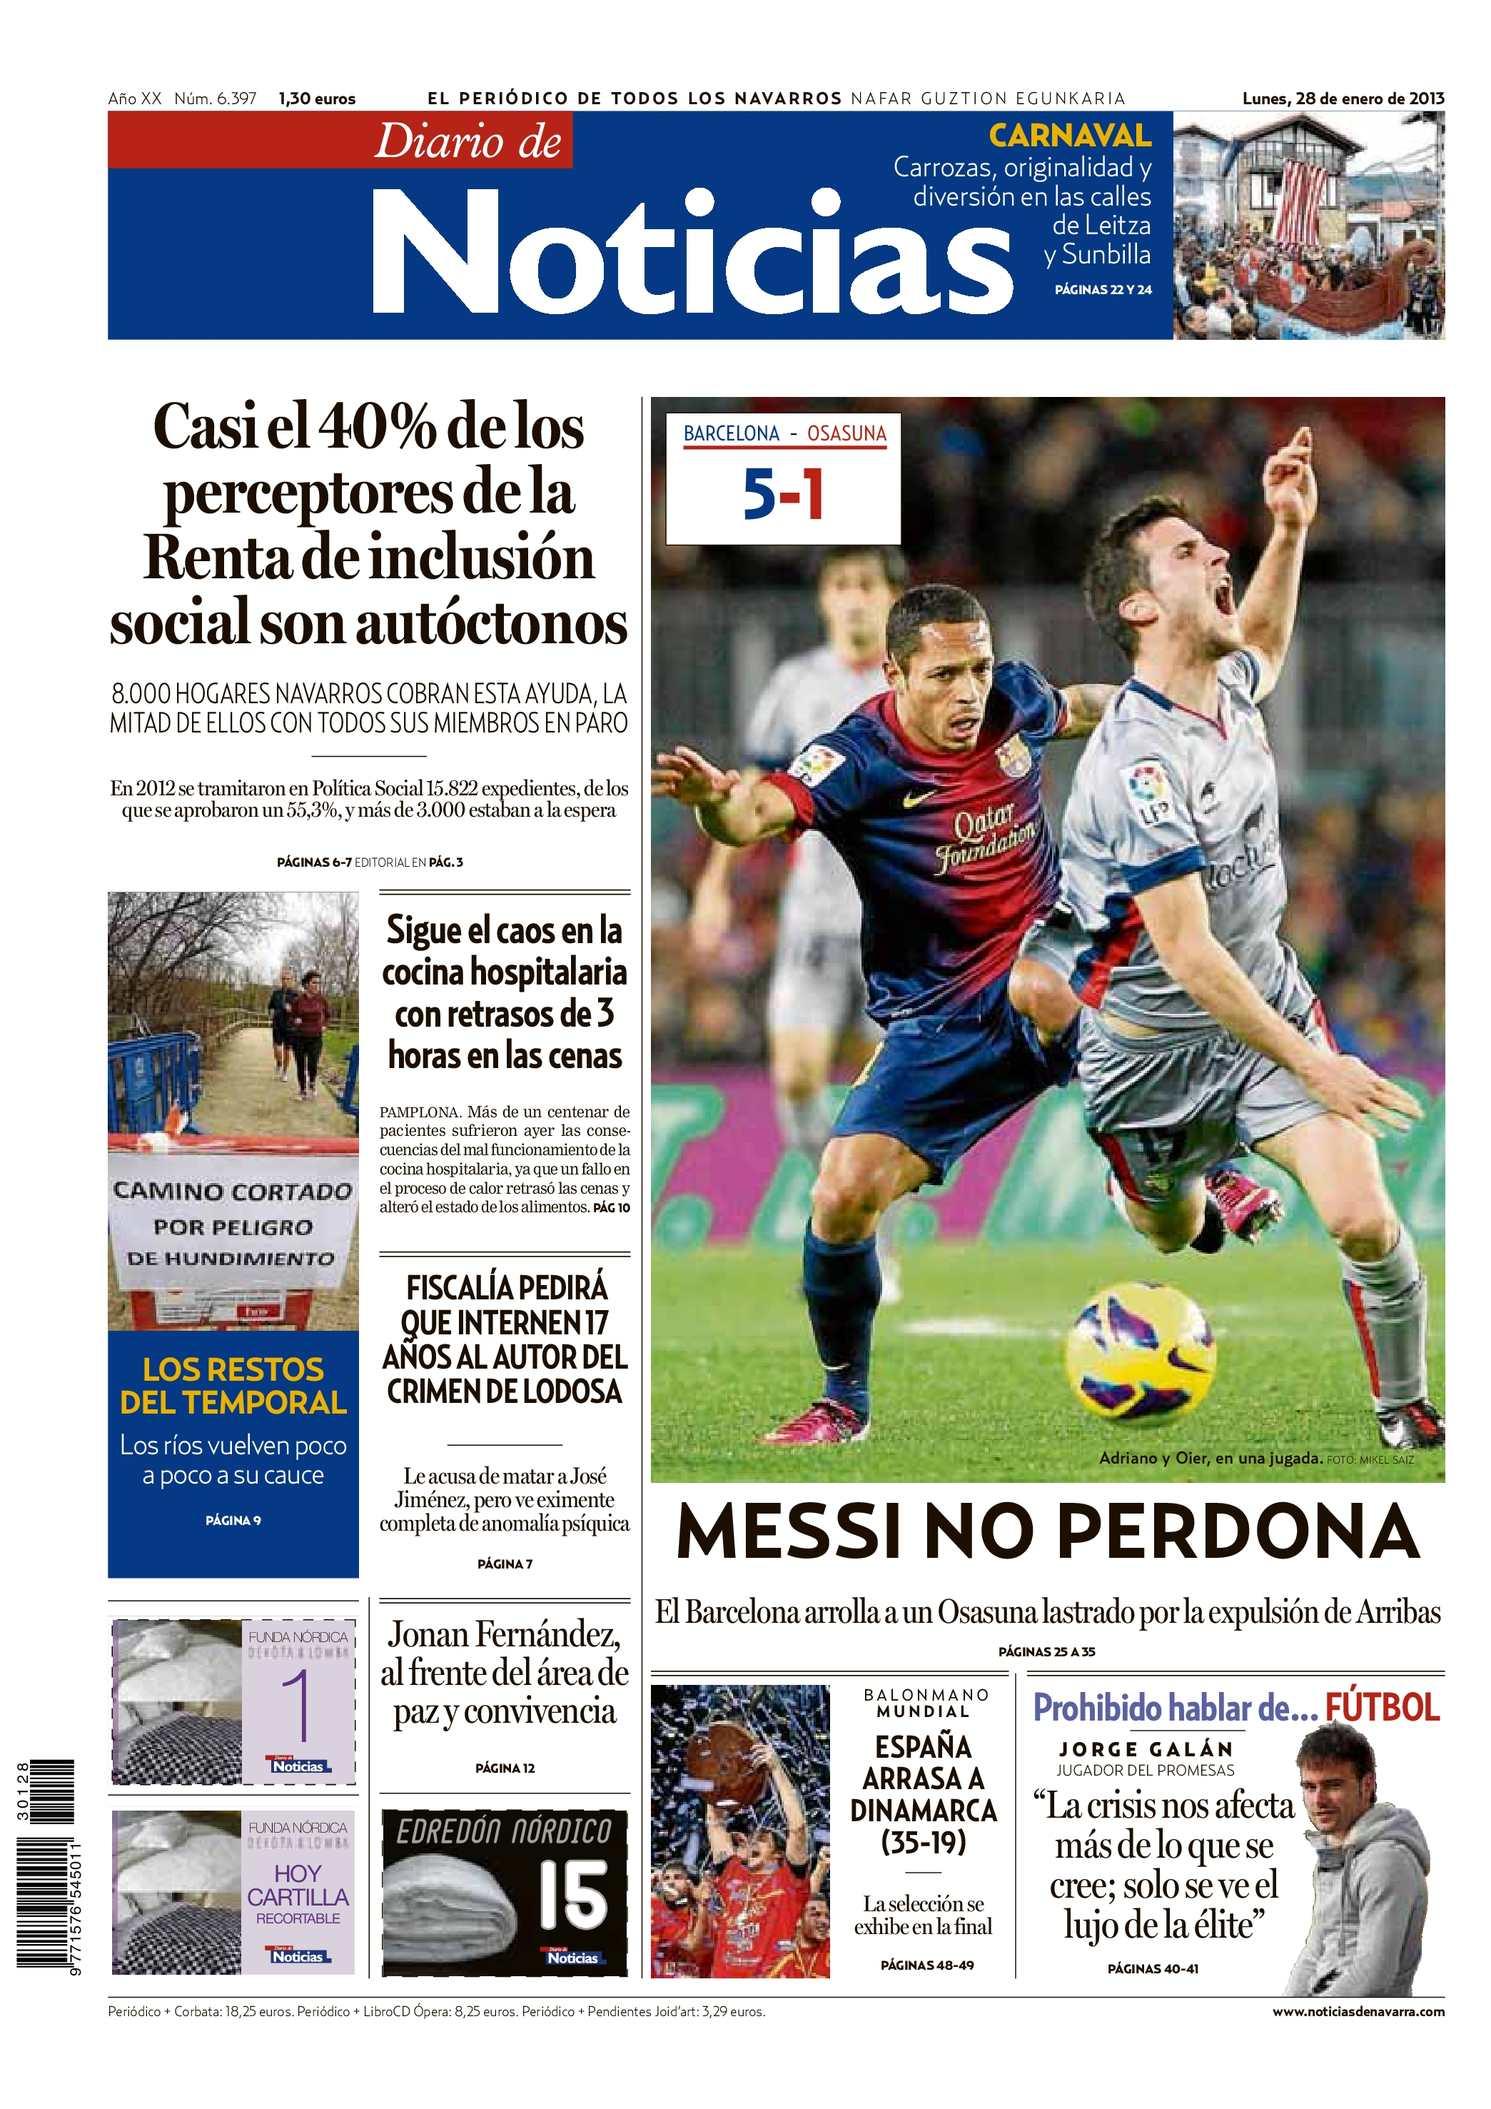 Calaméo - Diario de Noticias 20130128 ec75feff82d56